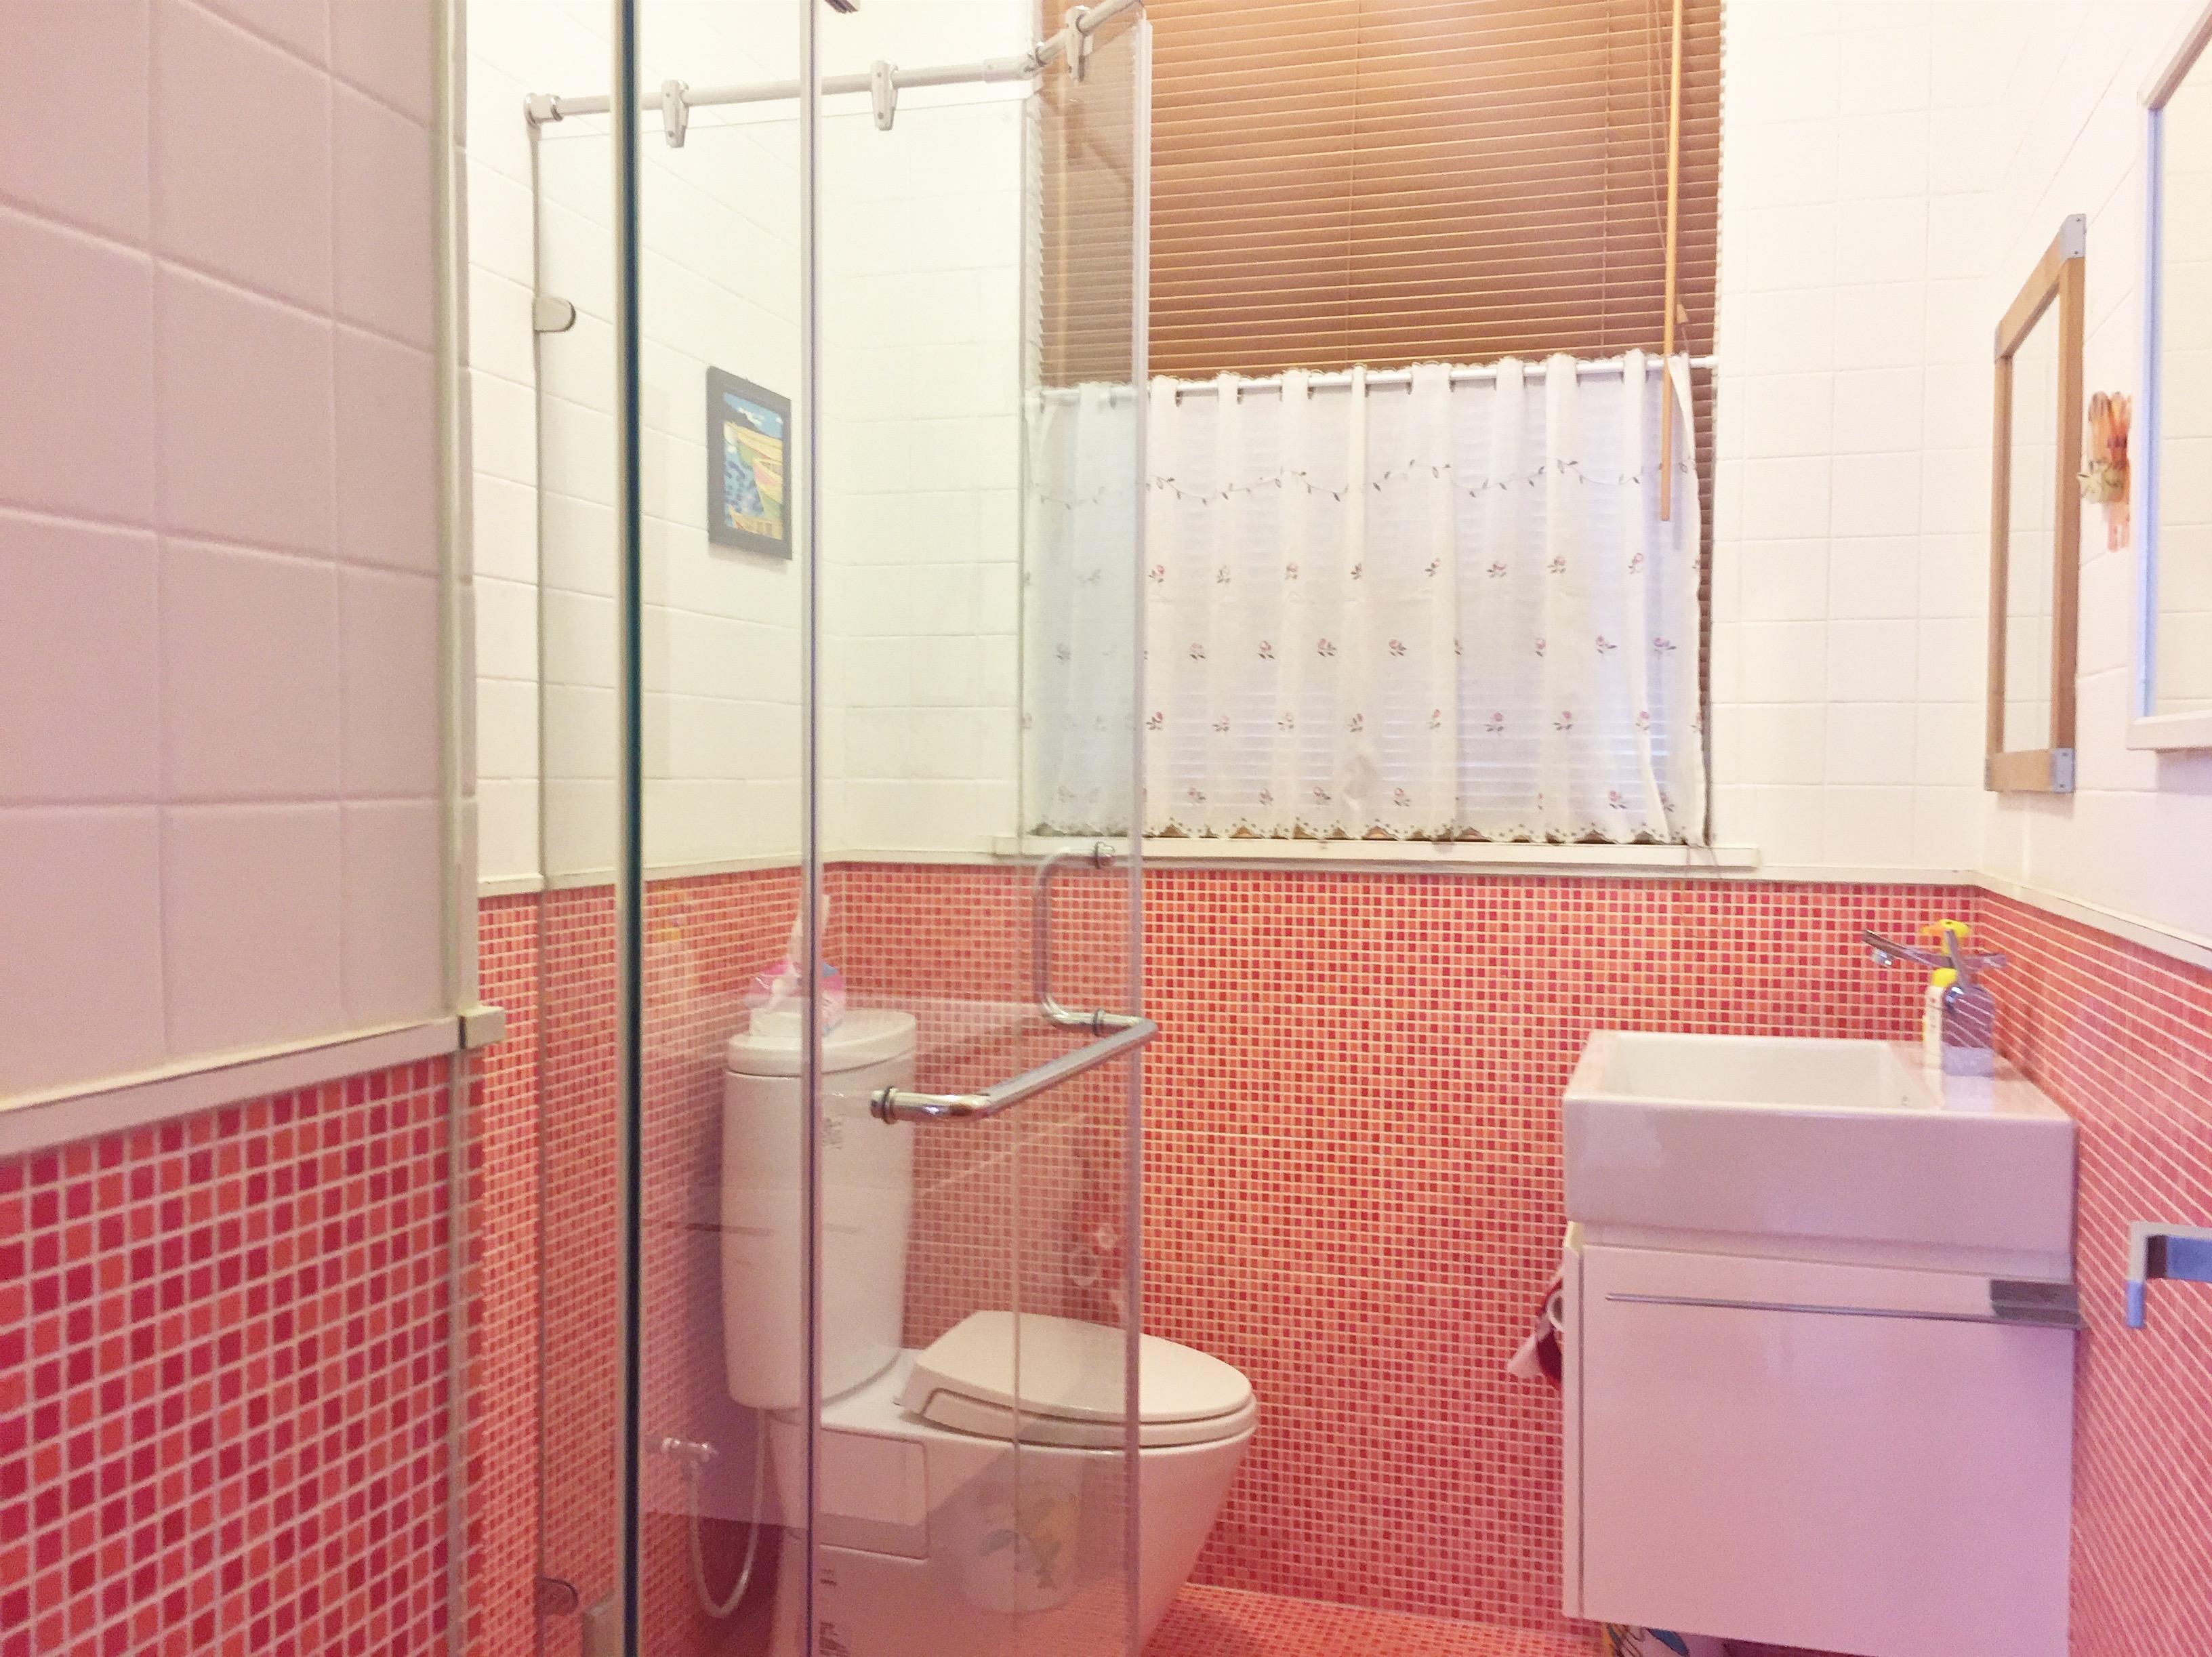 bathroom of room A